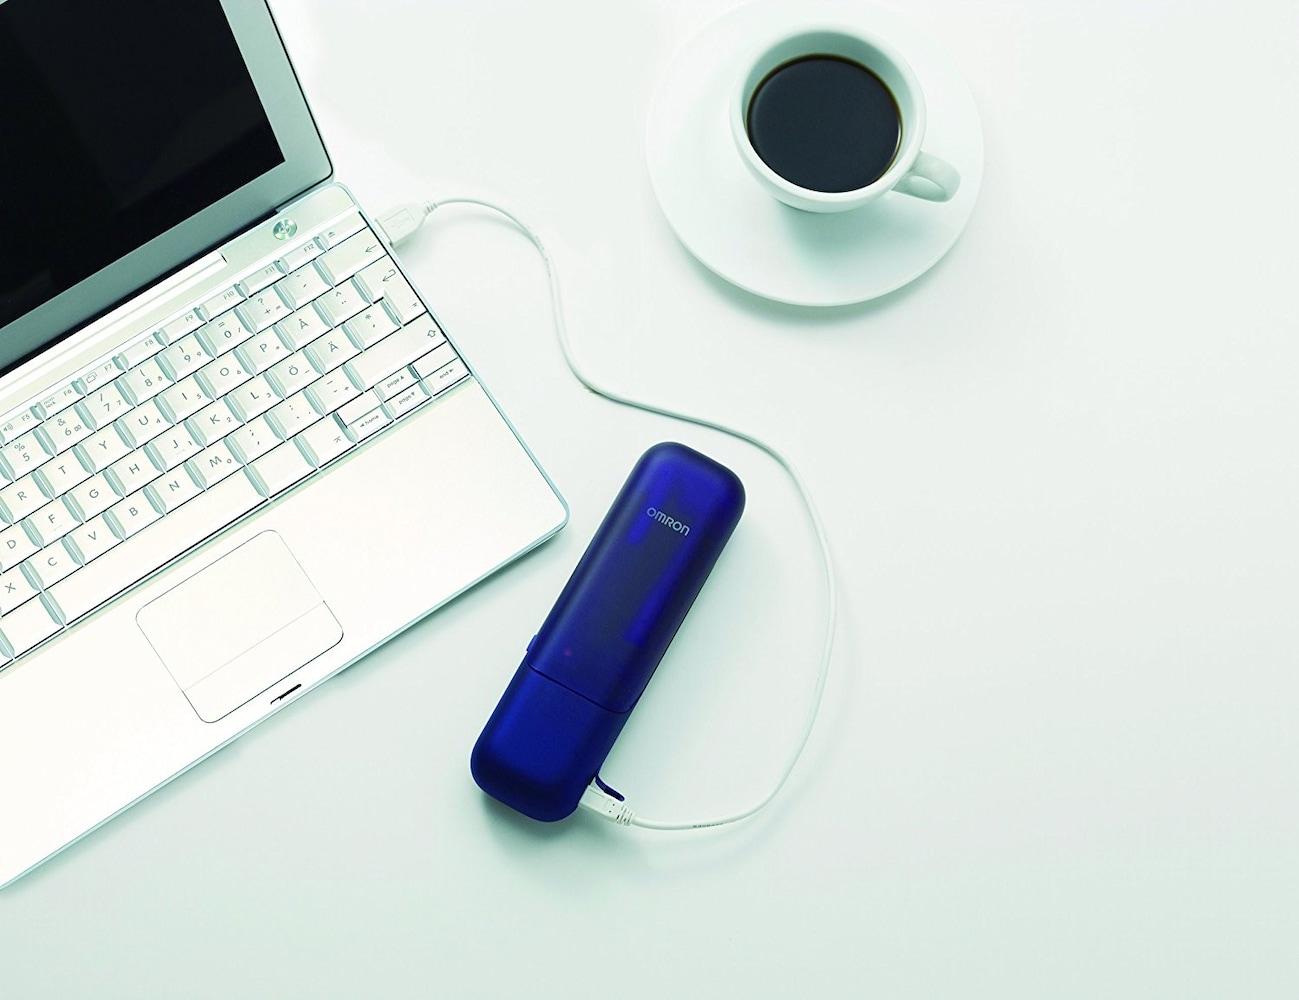 USB対応 旅行や出張先でも充電できるのが安心!